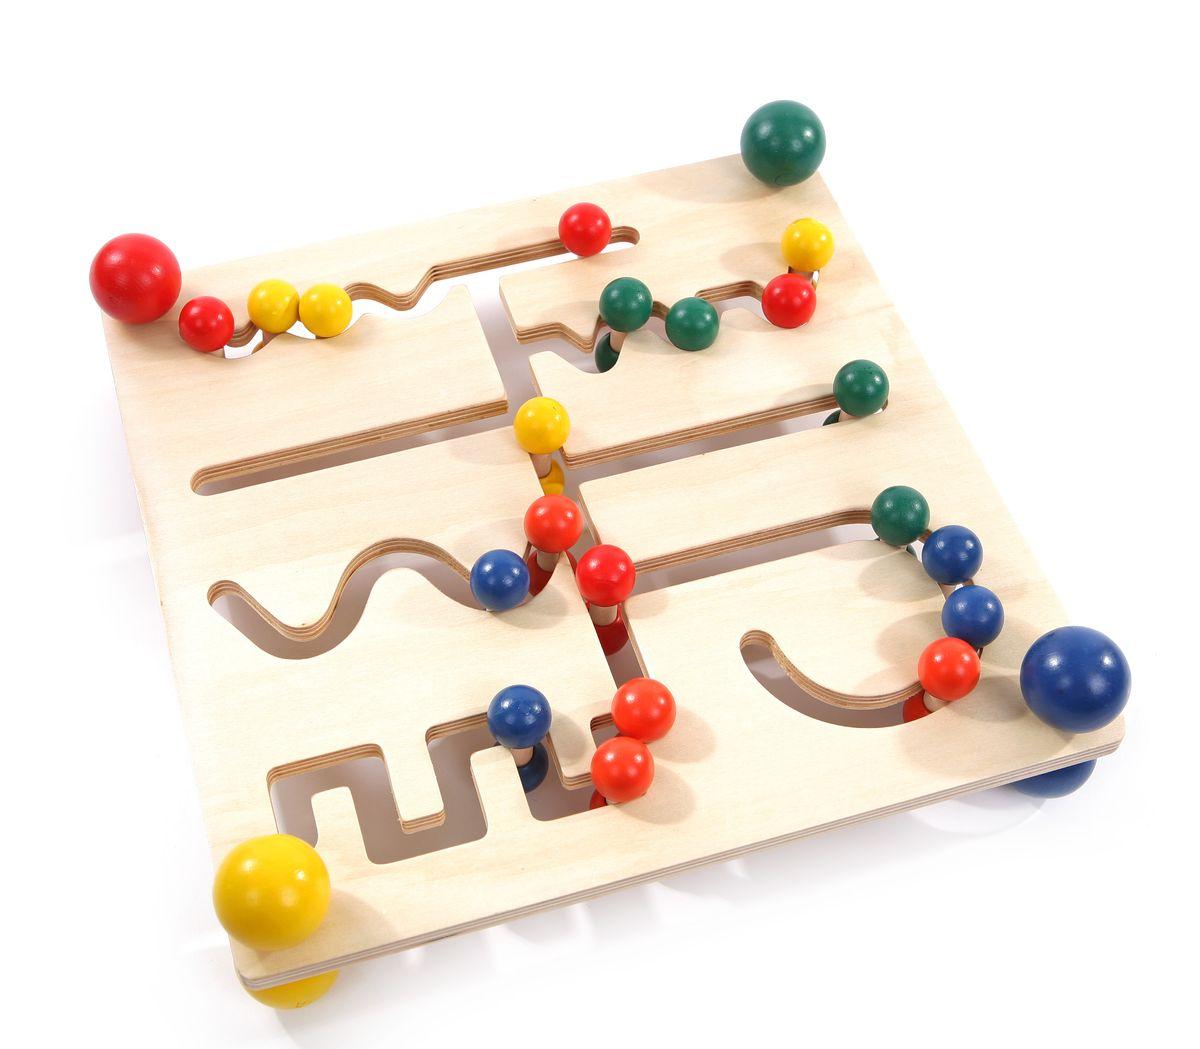 Мир деревянных игрушек Лабиринт ШарикиД201Лабиринт Мир деревянных игрушек выполнен в виде деревянной основы, по которым свободно двигаются разноцветные двусторонние шарики. В комплект также входят 15 карточек с заданиями. Ребенку необходимо по заданию сдвинуть по лабиринту шарики определенных цветов. Игрушка способствует развитию логики, моторики, цветовосприятия и творческих способностей ребенка.